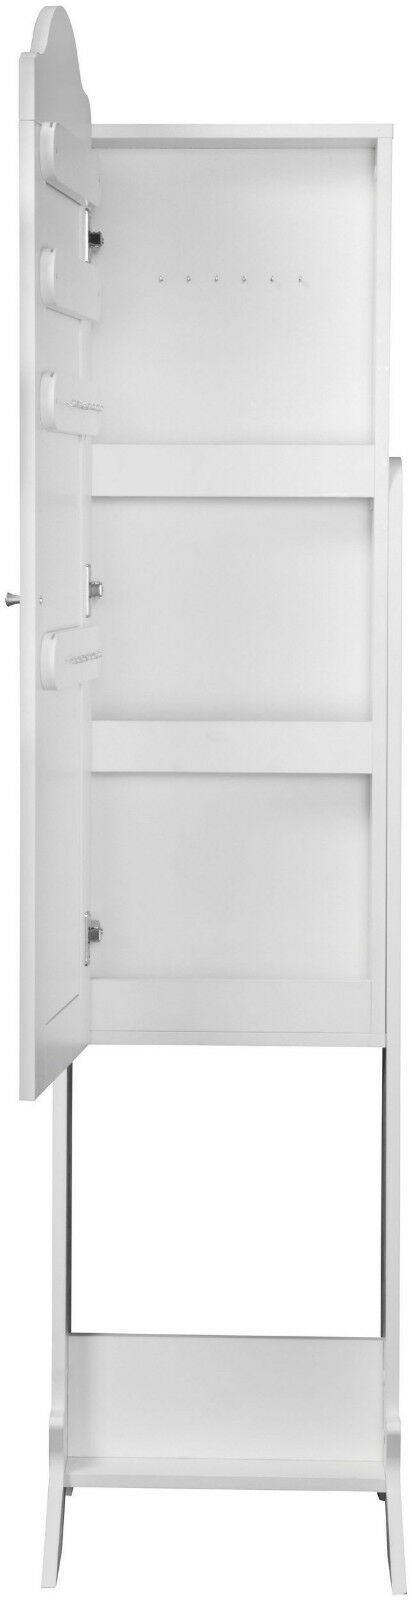 Schmuckschrank Benita Spiegelschrank weiß Spiegel stehend B512943 UVP 129,99€ | Schmuckschrank Benita Spiegelschrank wei Spiegel stehend B512943 UVP 12999 333568230944 2